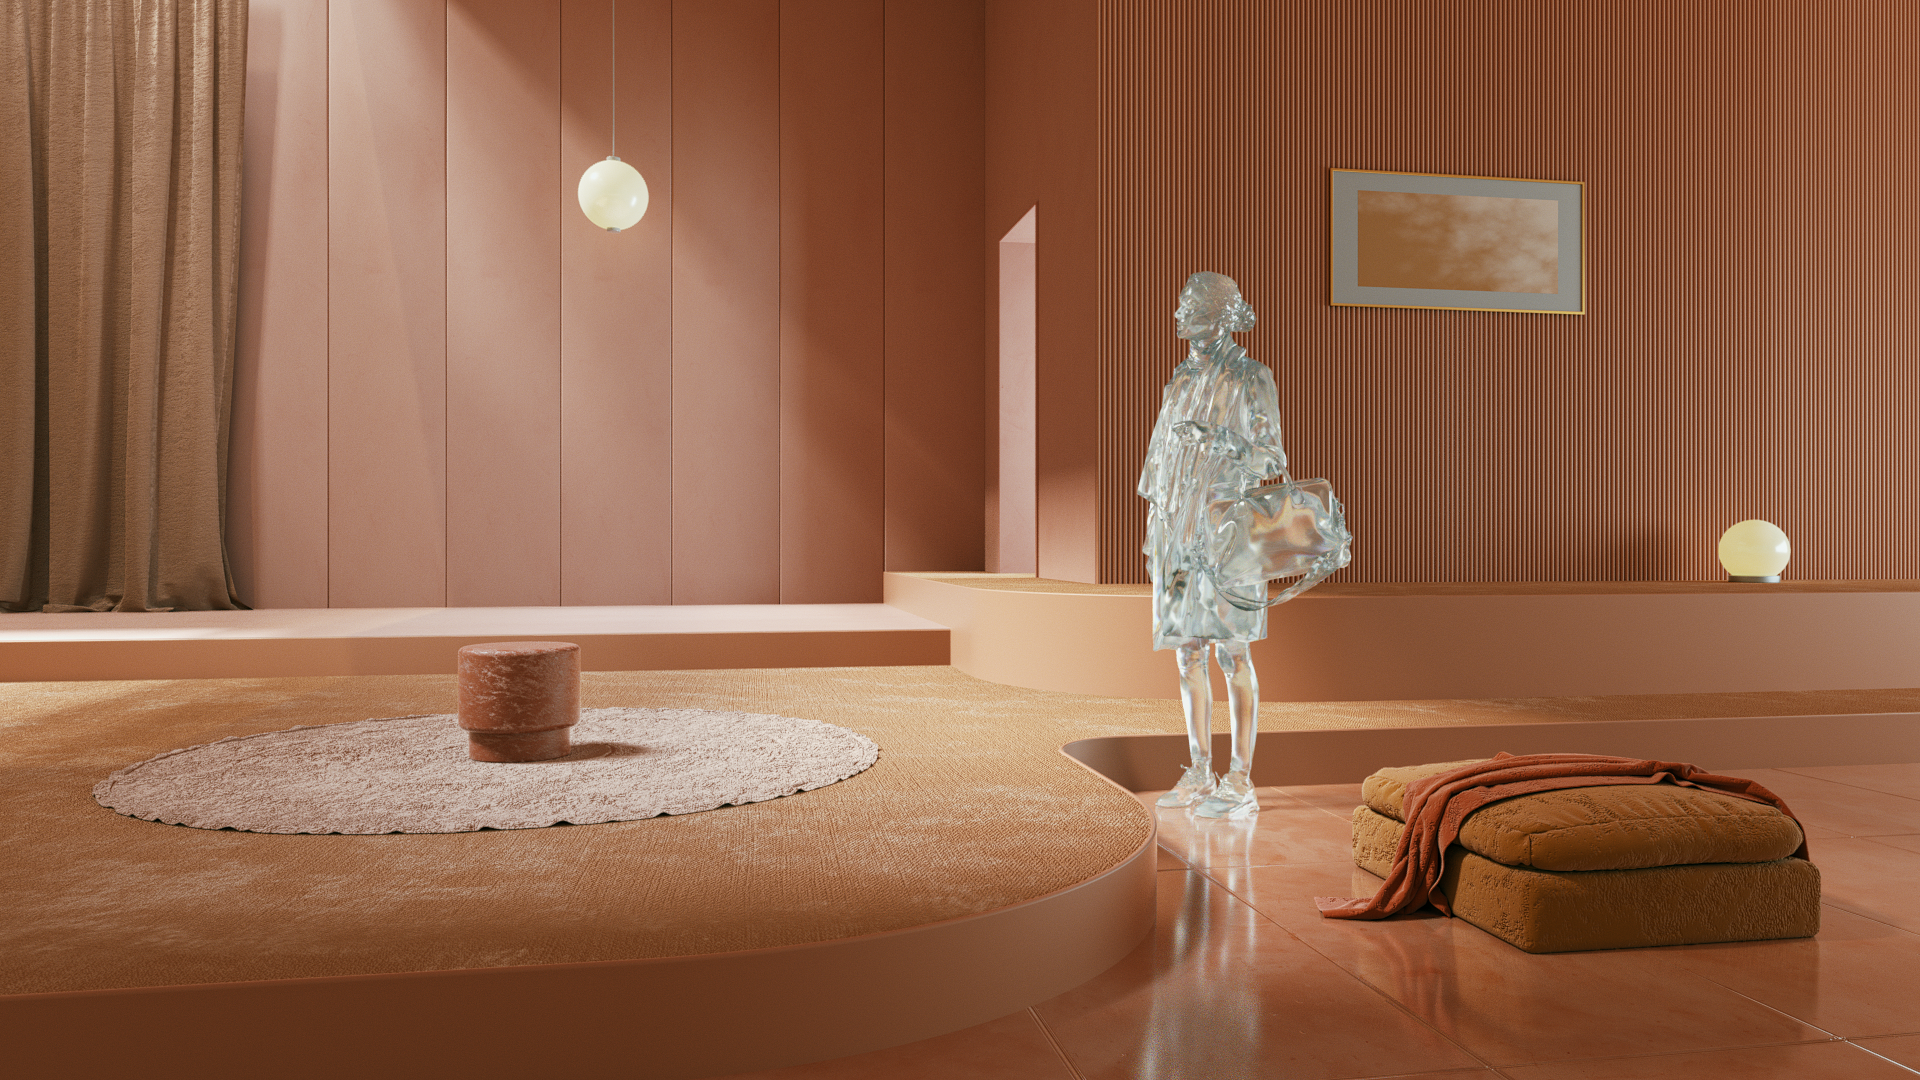 Scene 08